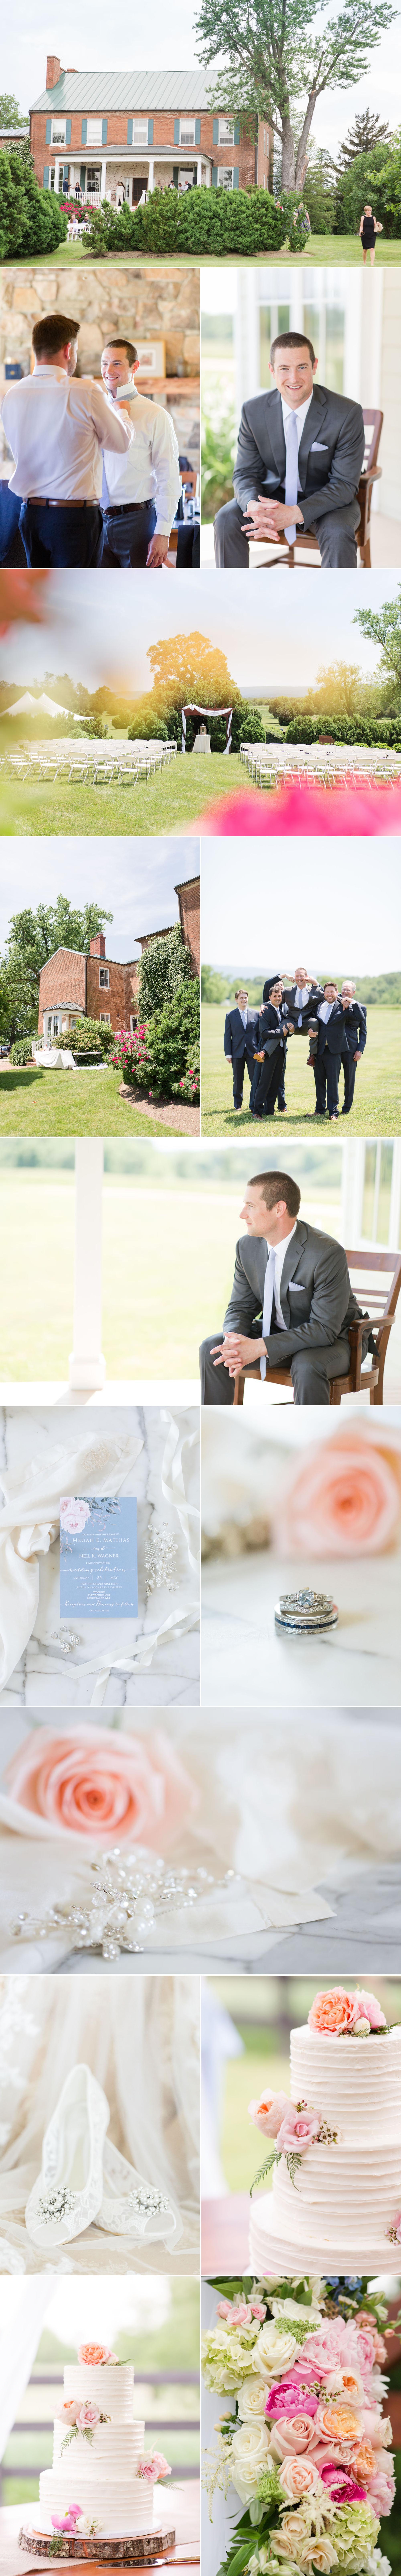 berryville, va wedding, outdoors